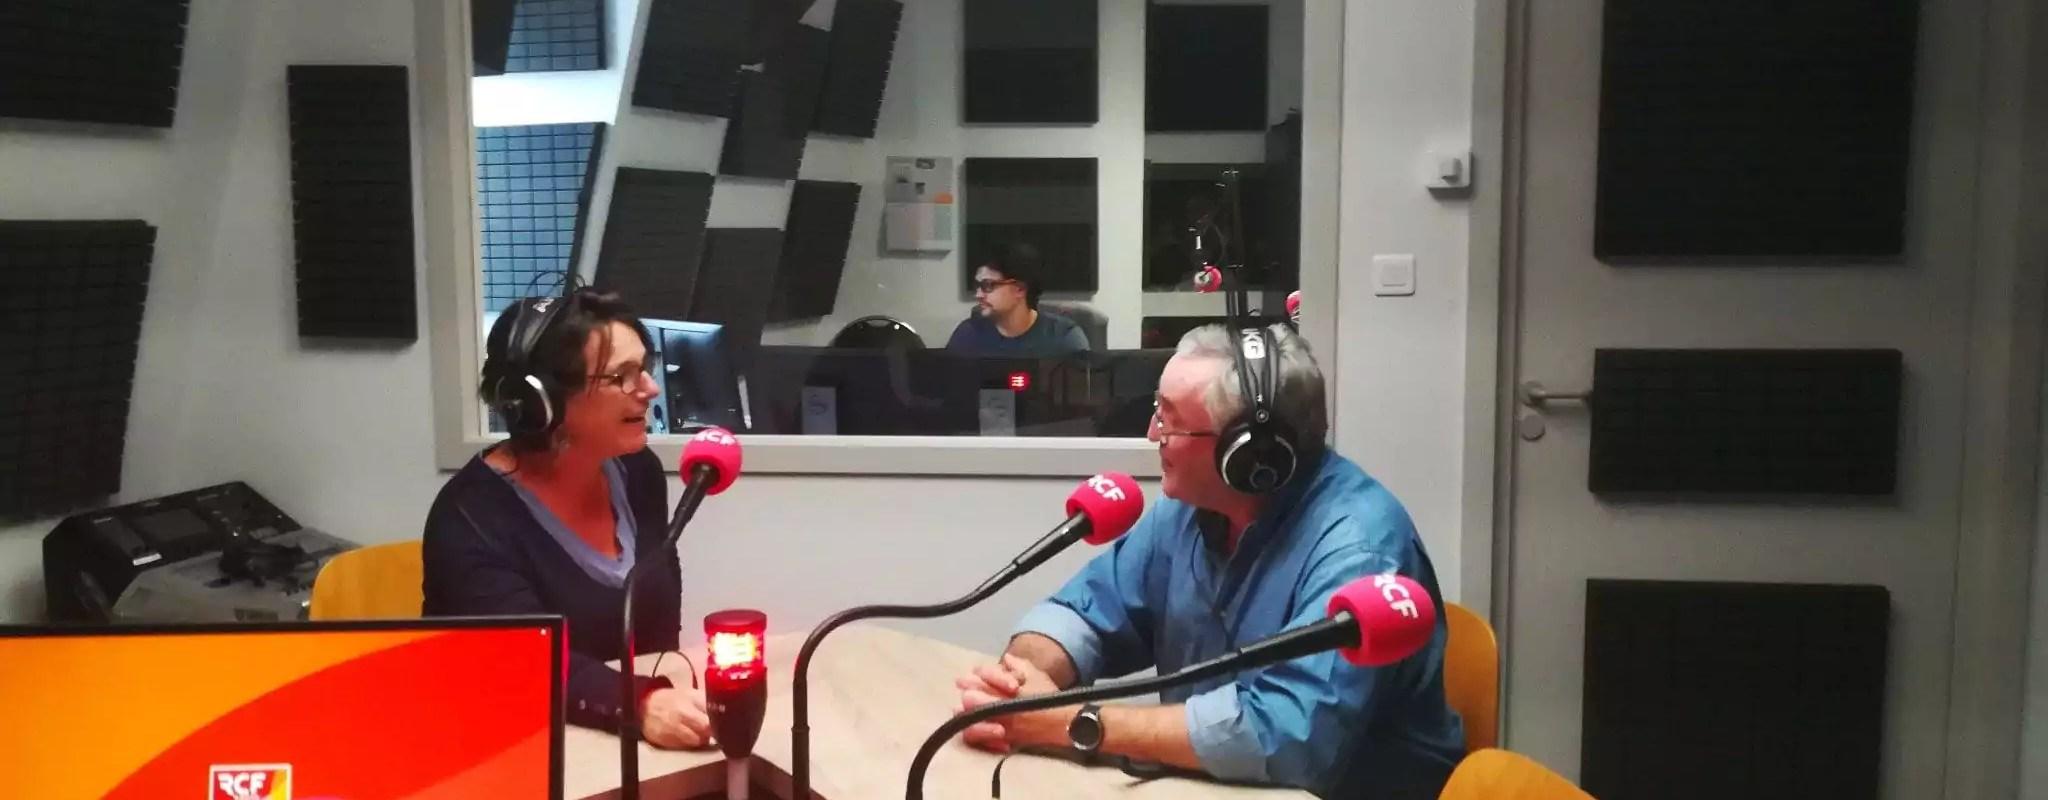 La radio numérique terrestre débarque à Strasbourg